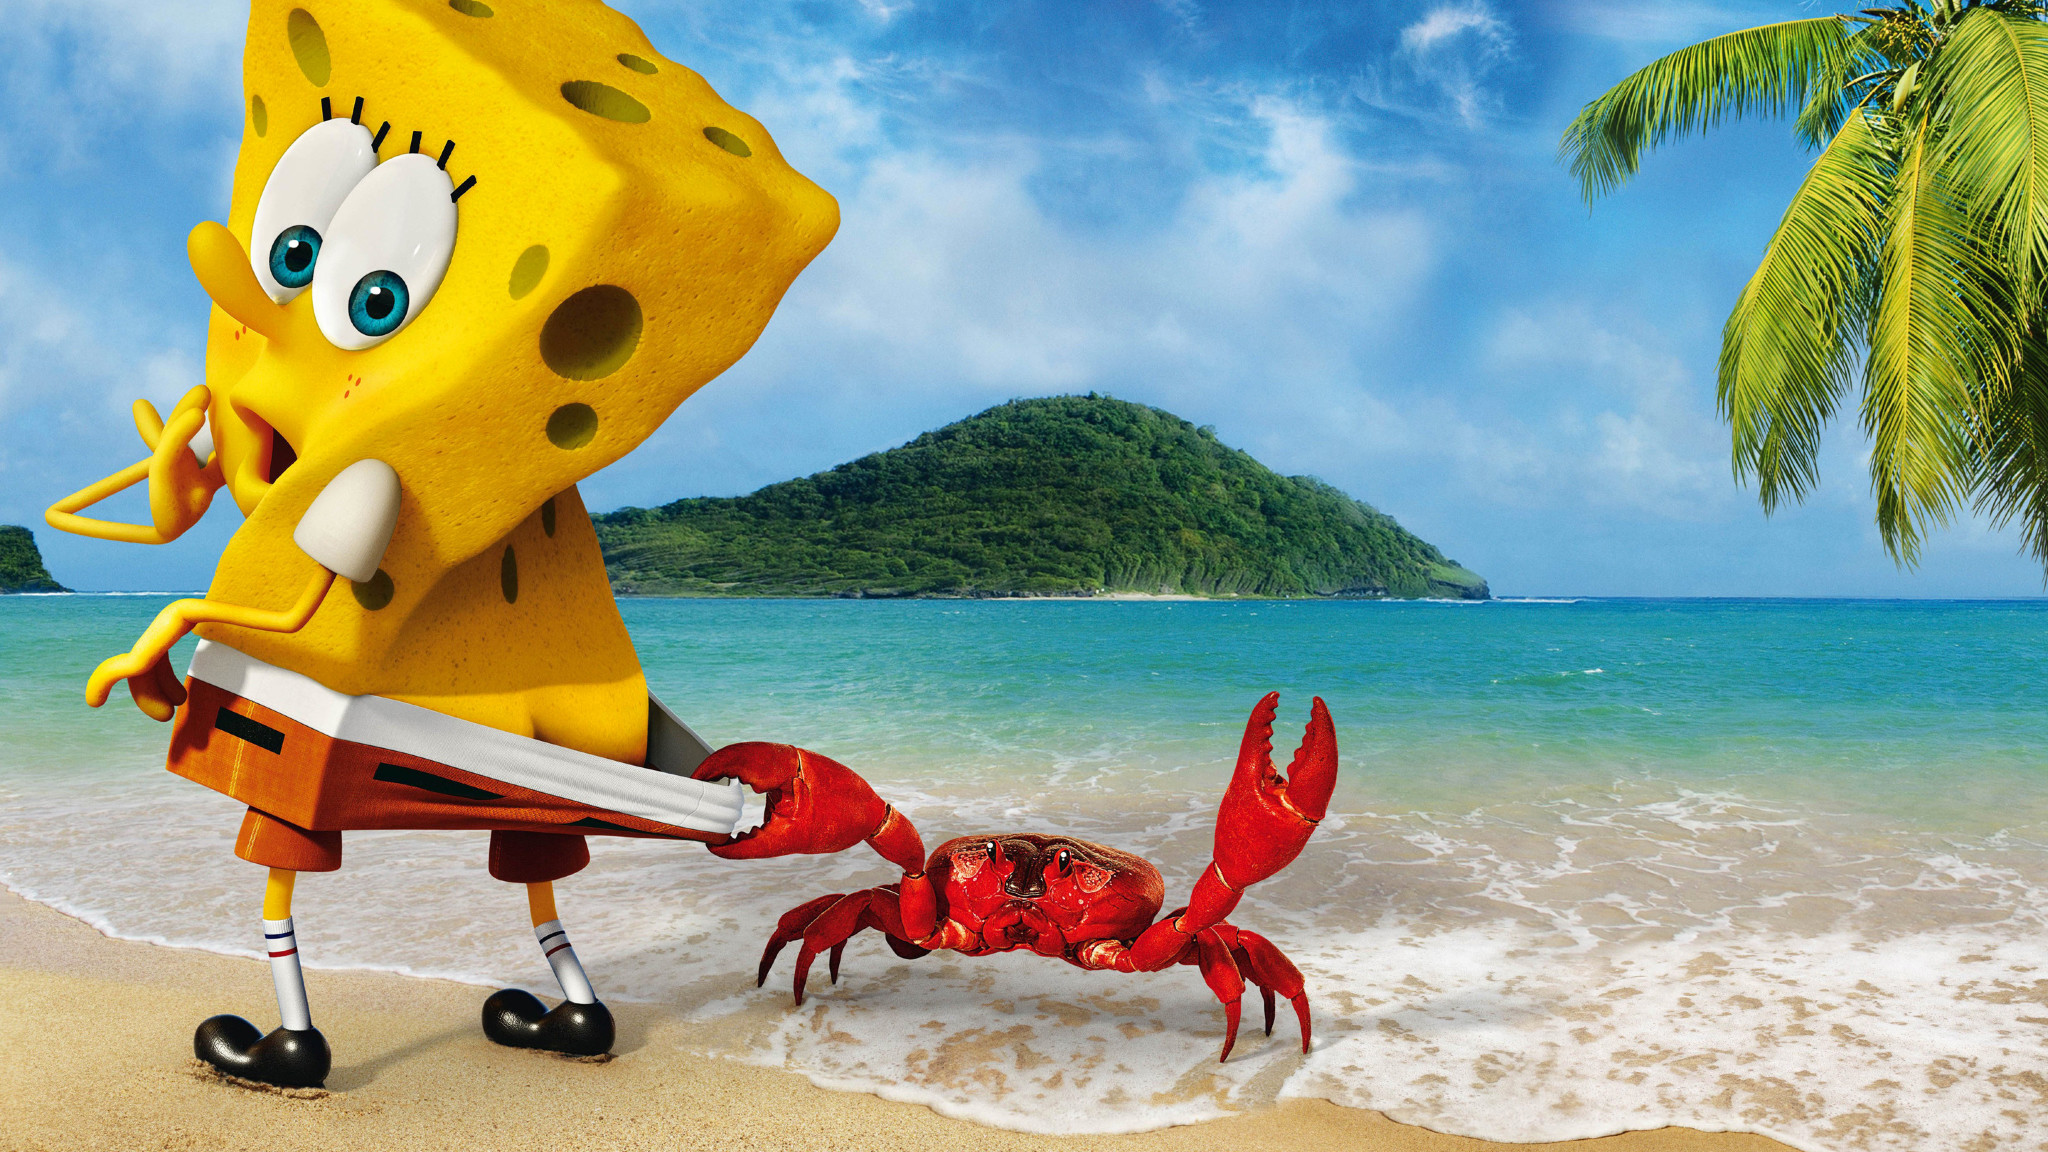 Res: 2048x1152, HD Wallpaper | Background Image SpongeBob Crab Funny